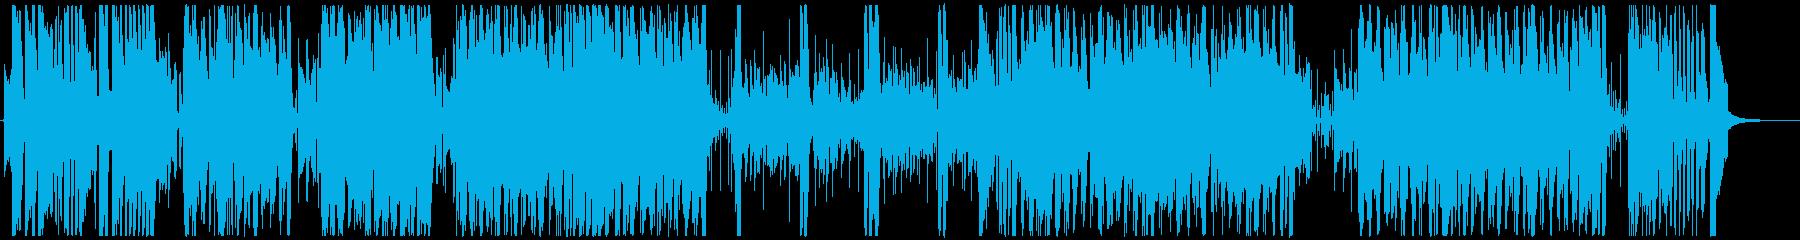 情熱大陸風フュージョン ジャズ BGMの再生済みの波形